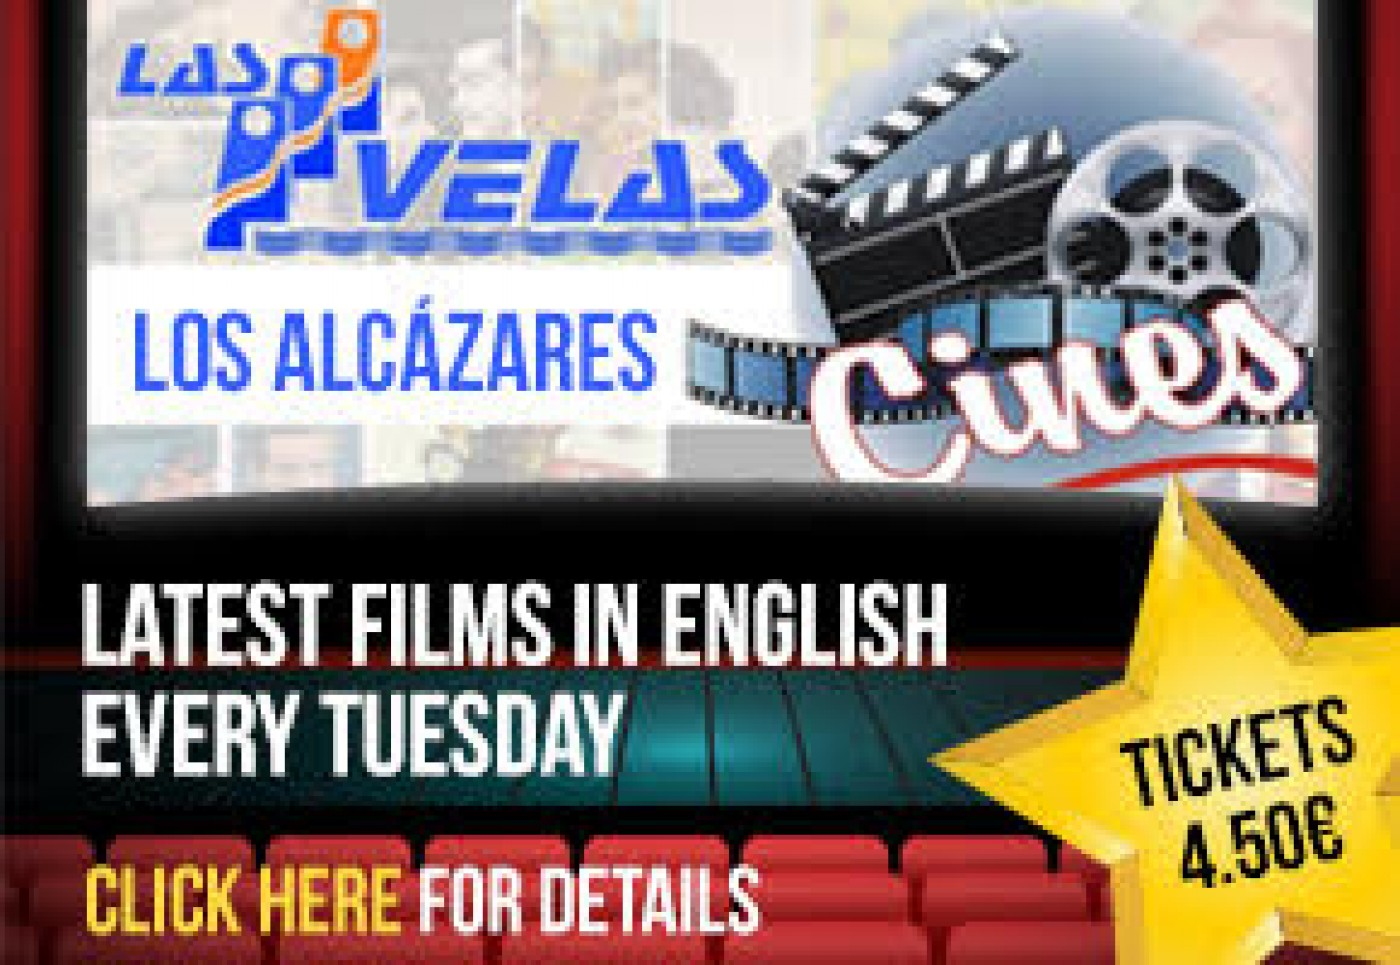 Las Velas Cinema in Los Alcázares